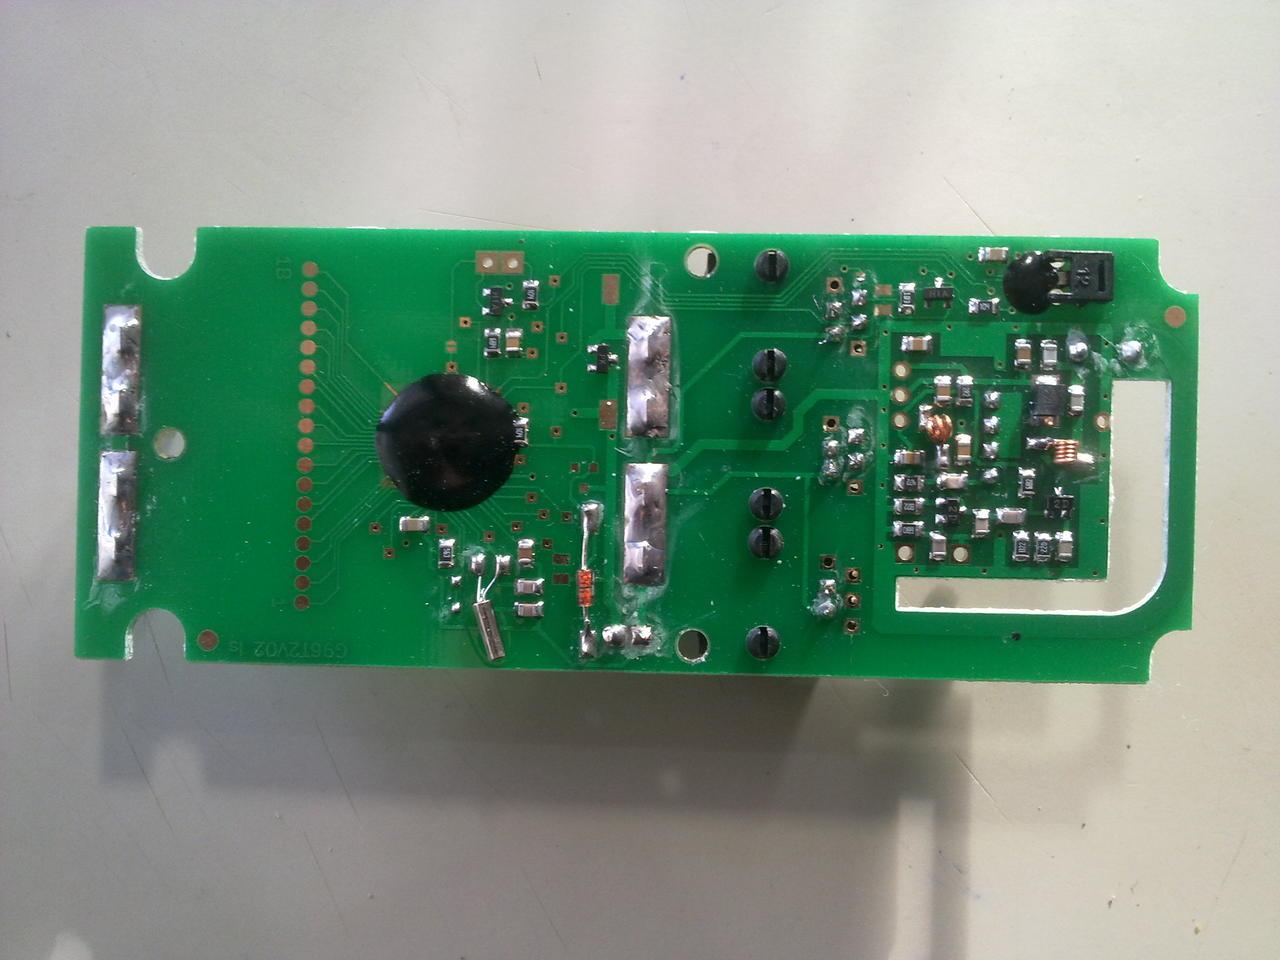 Anemometro e pluviometro-16042012879.jpg